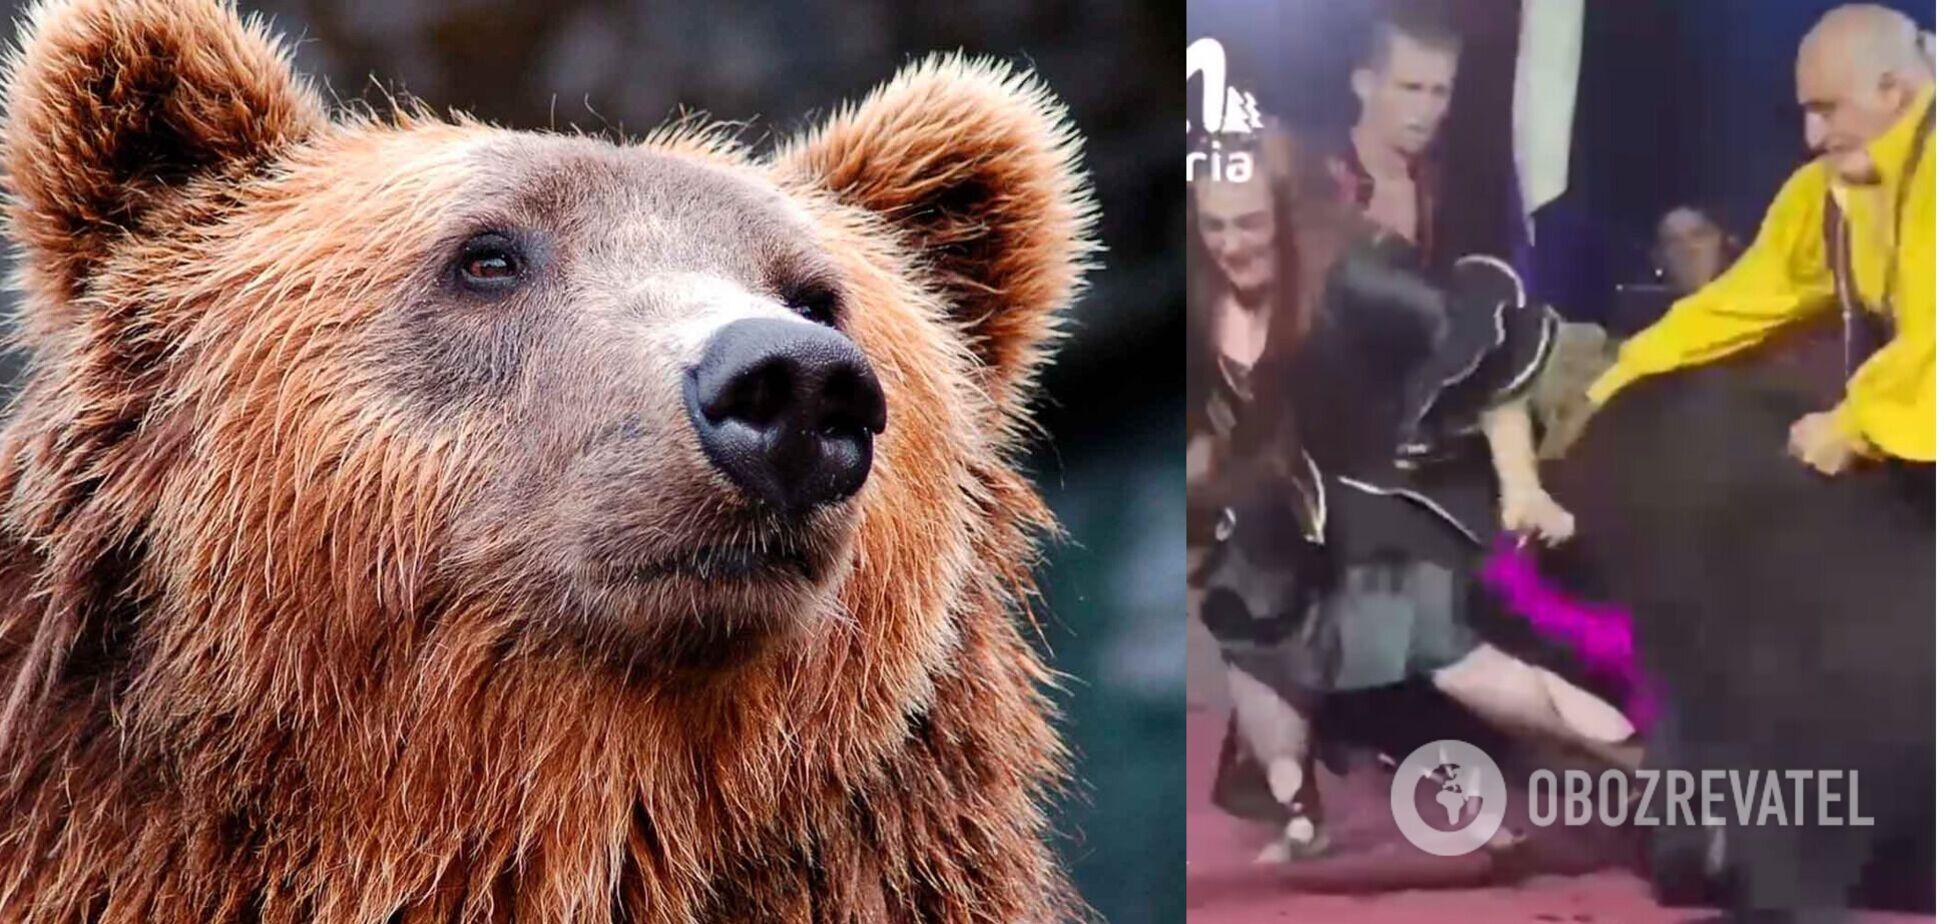 В России медведь трижды напал на дрессировщиков в цирке, но они продолжили выступление. Видео